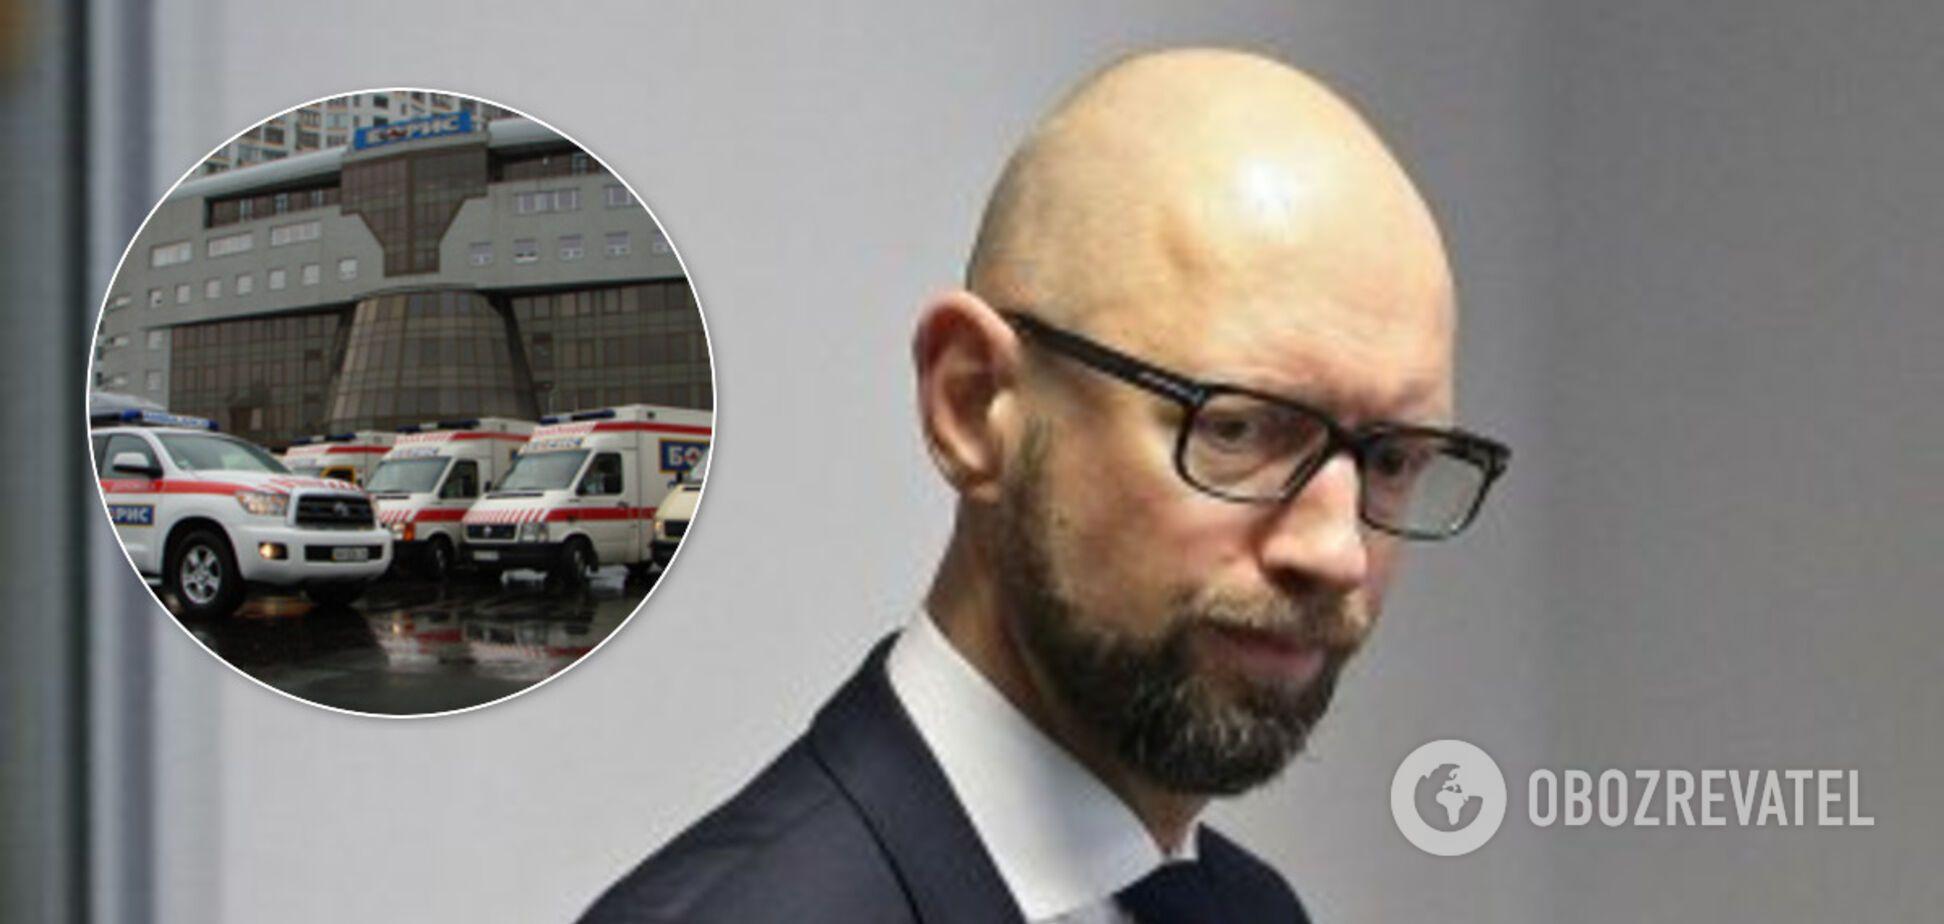 Яценюк попал в больницу: стал известен вероятный диагноз